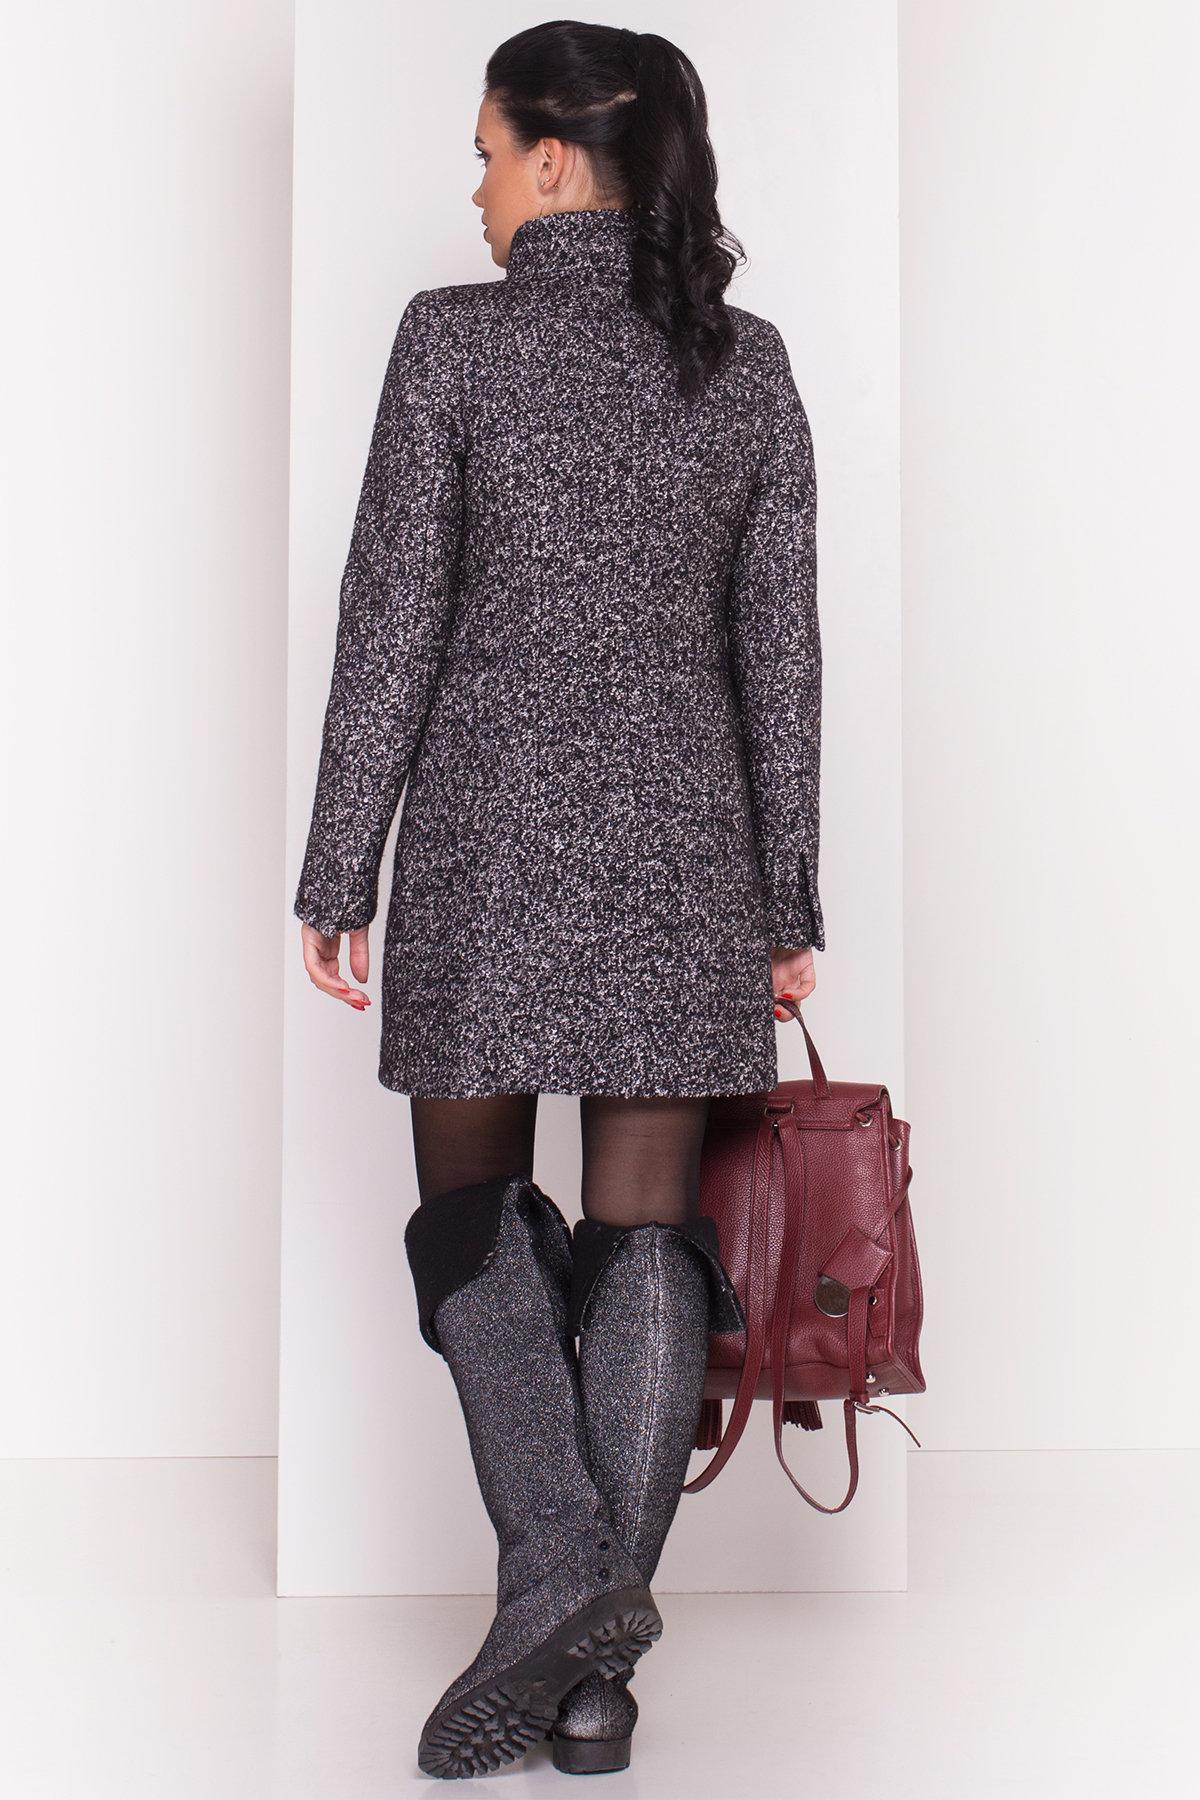 Пальто зима Эльпассо 3681 АРТ. 19191 Цвет: Черный/серый - фото 5, интернет магазин tm-modus.ru